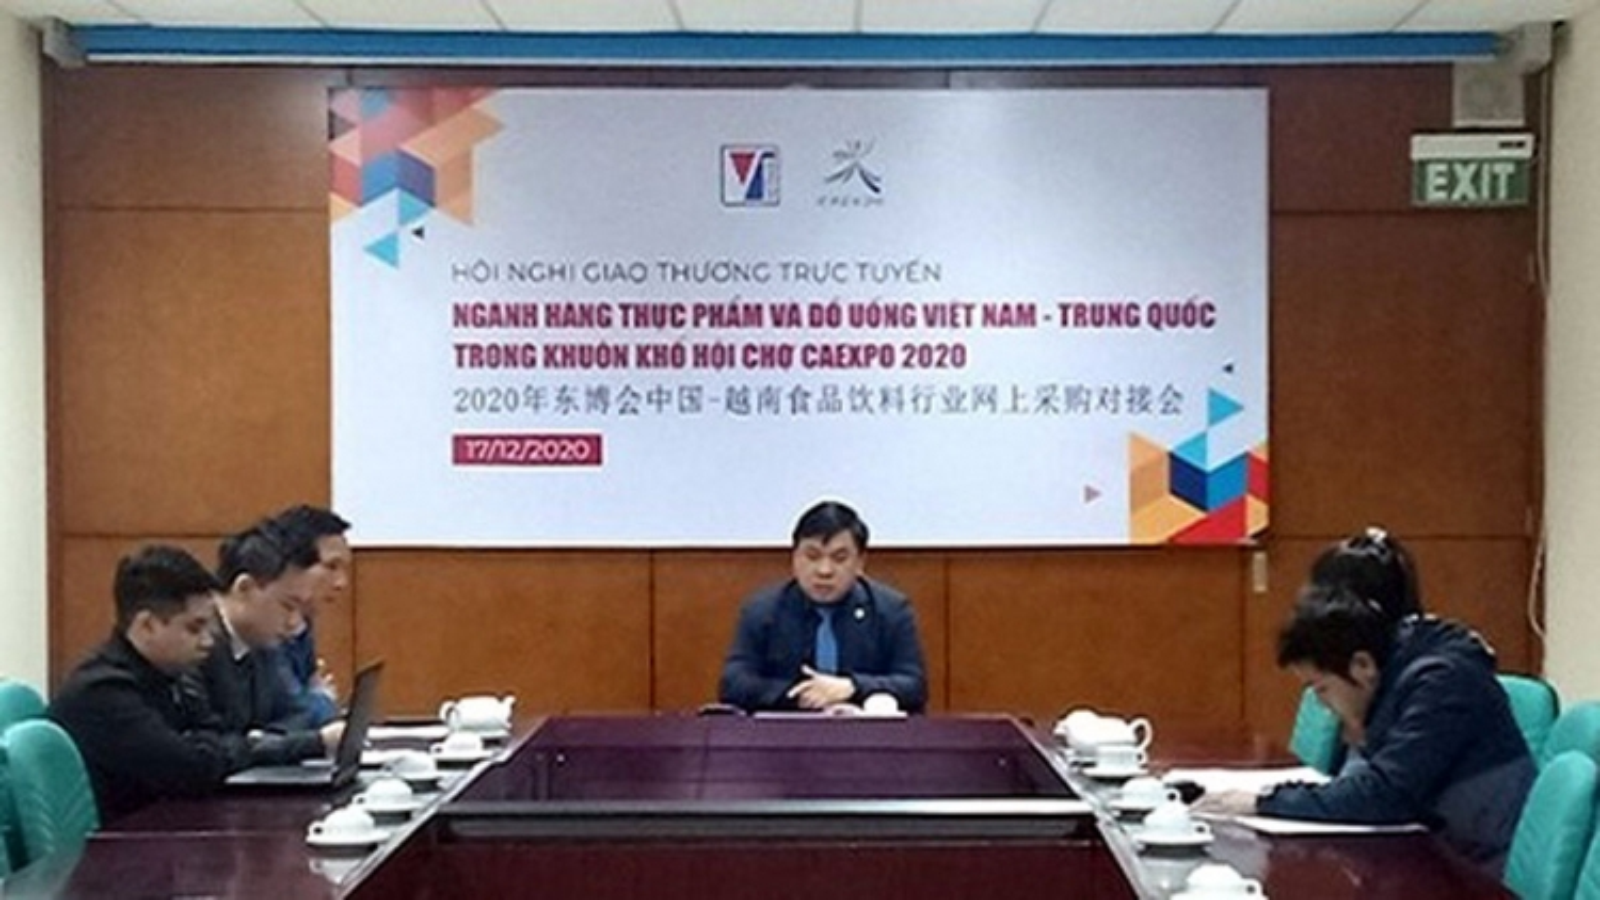 Doanh nghiệp Việt Nam - Trung Quốc mở rộng cơ hội giao thương